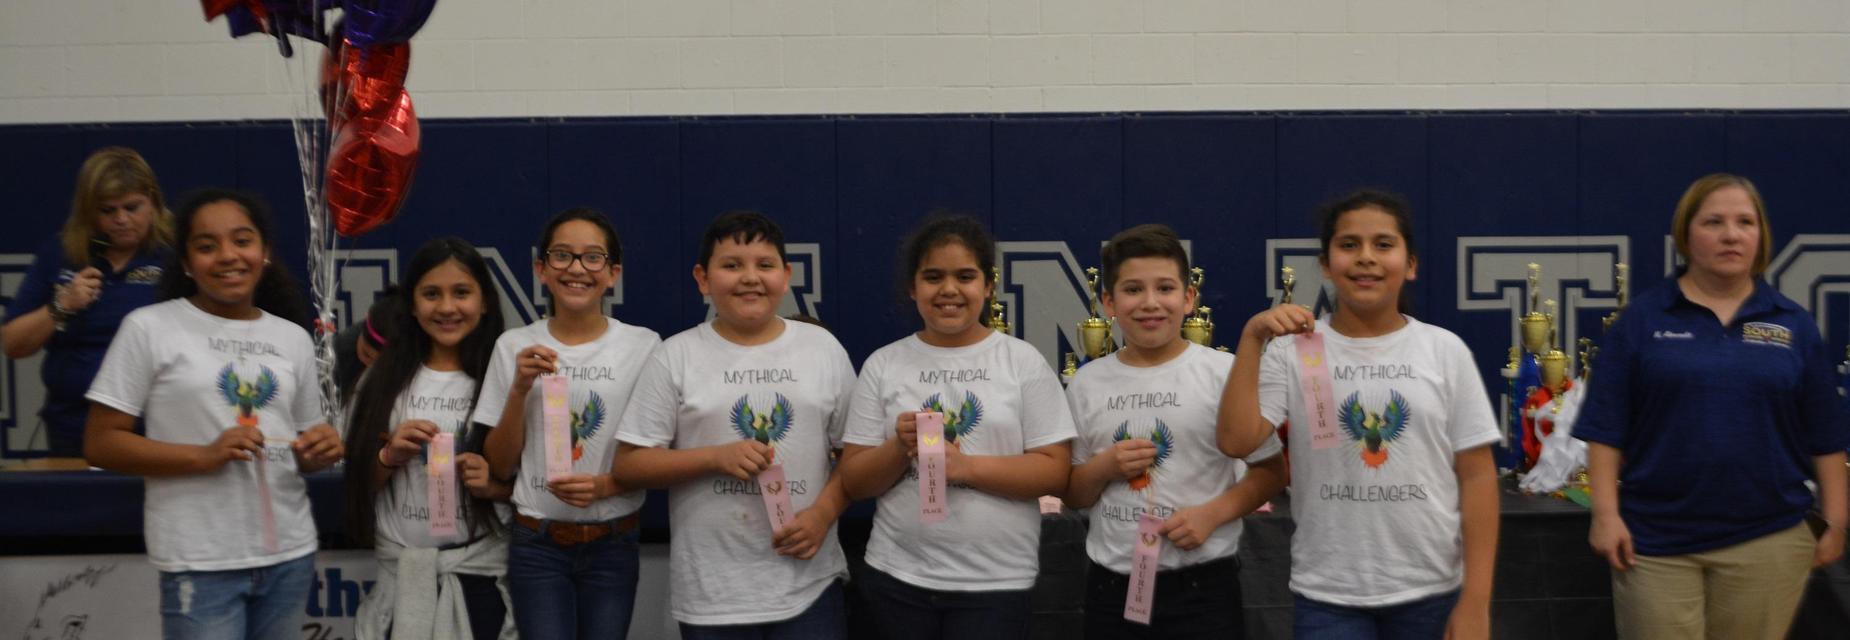 DI team pic 4th place win